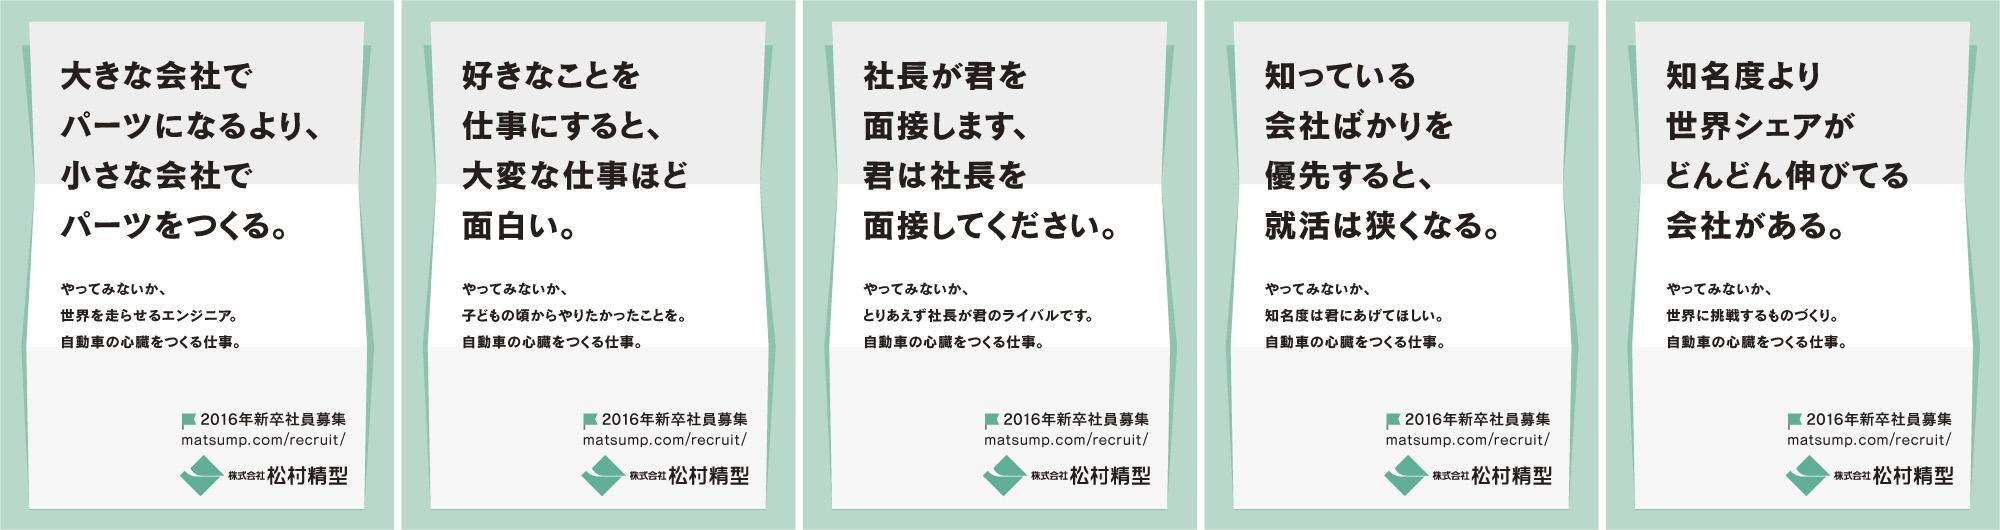 松村精型 新聞広告 全3段_A